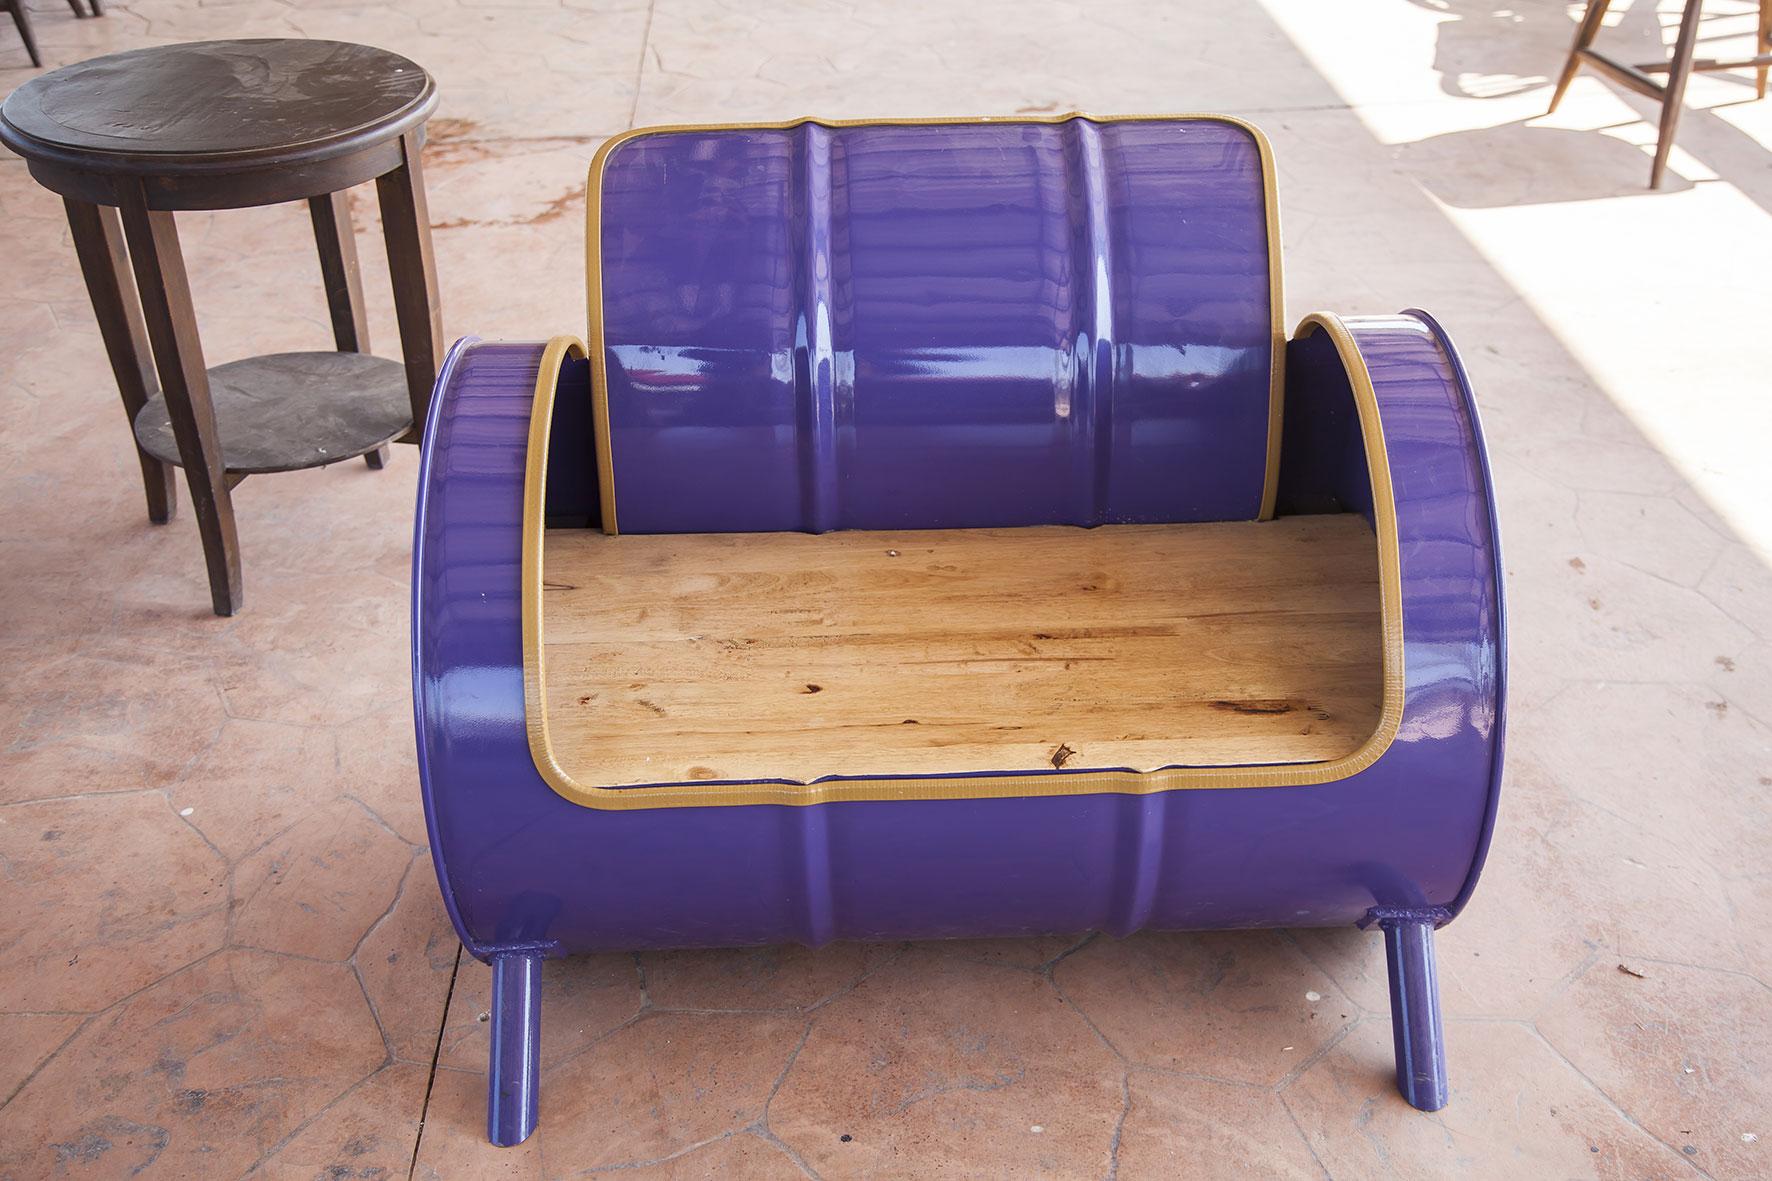 Aus obstkisten möbel machen: leichte und einfache gestaltung von ...